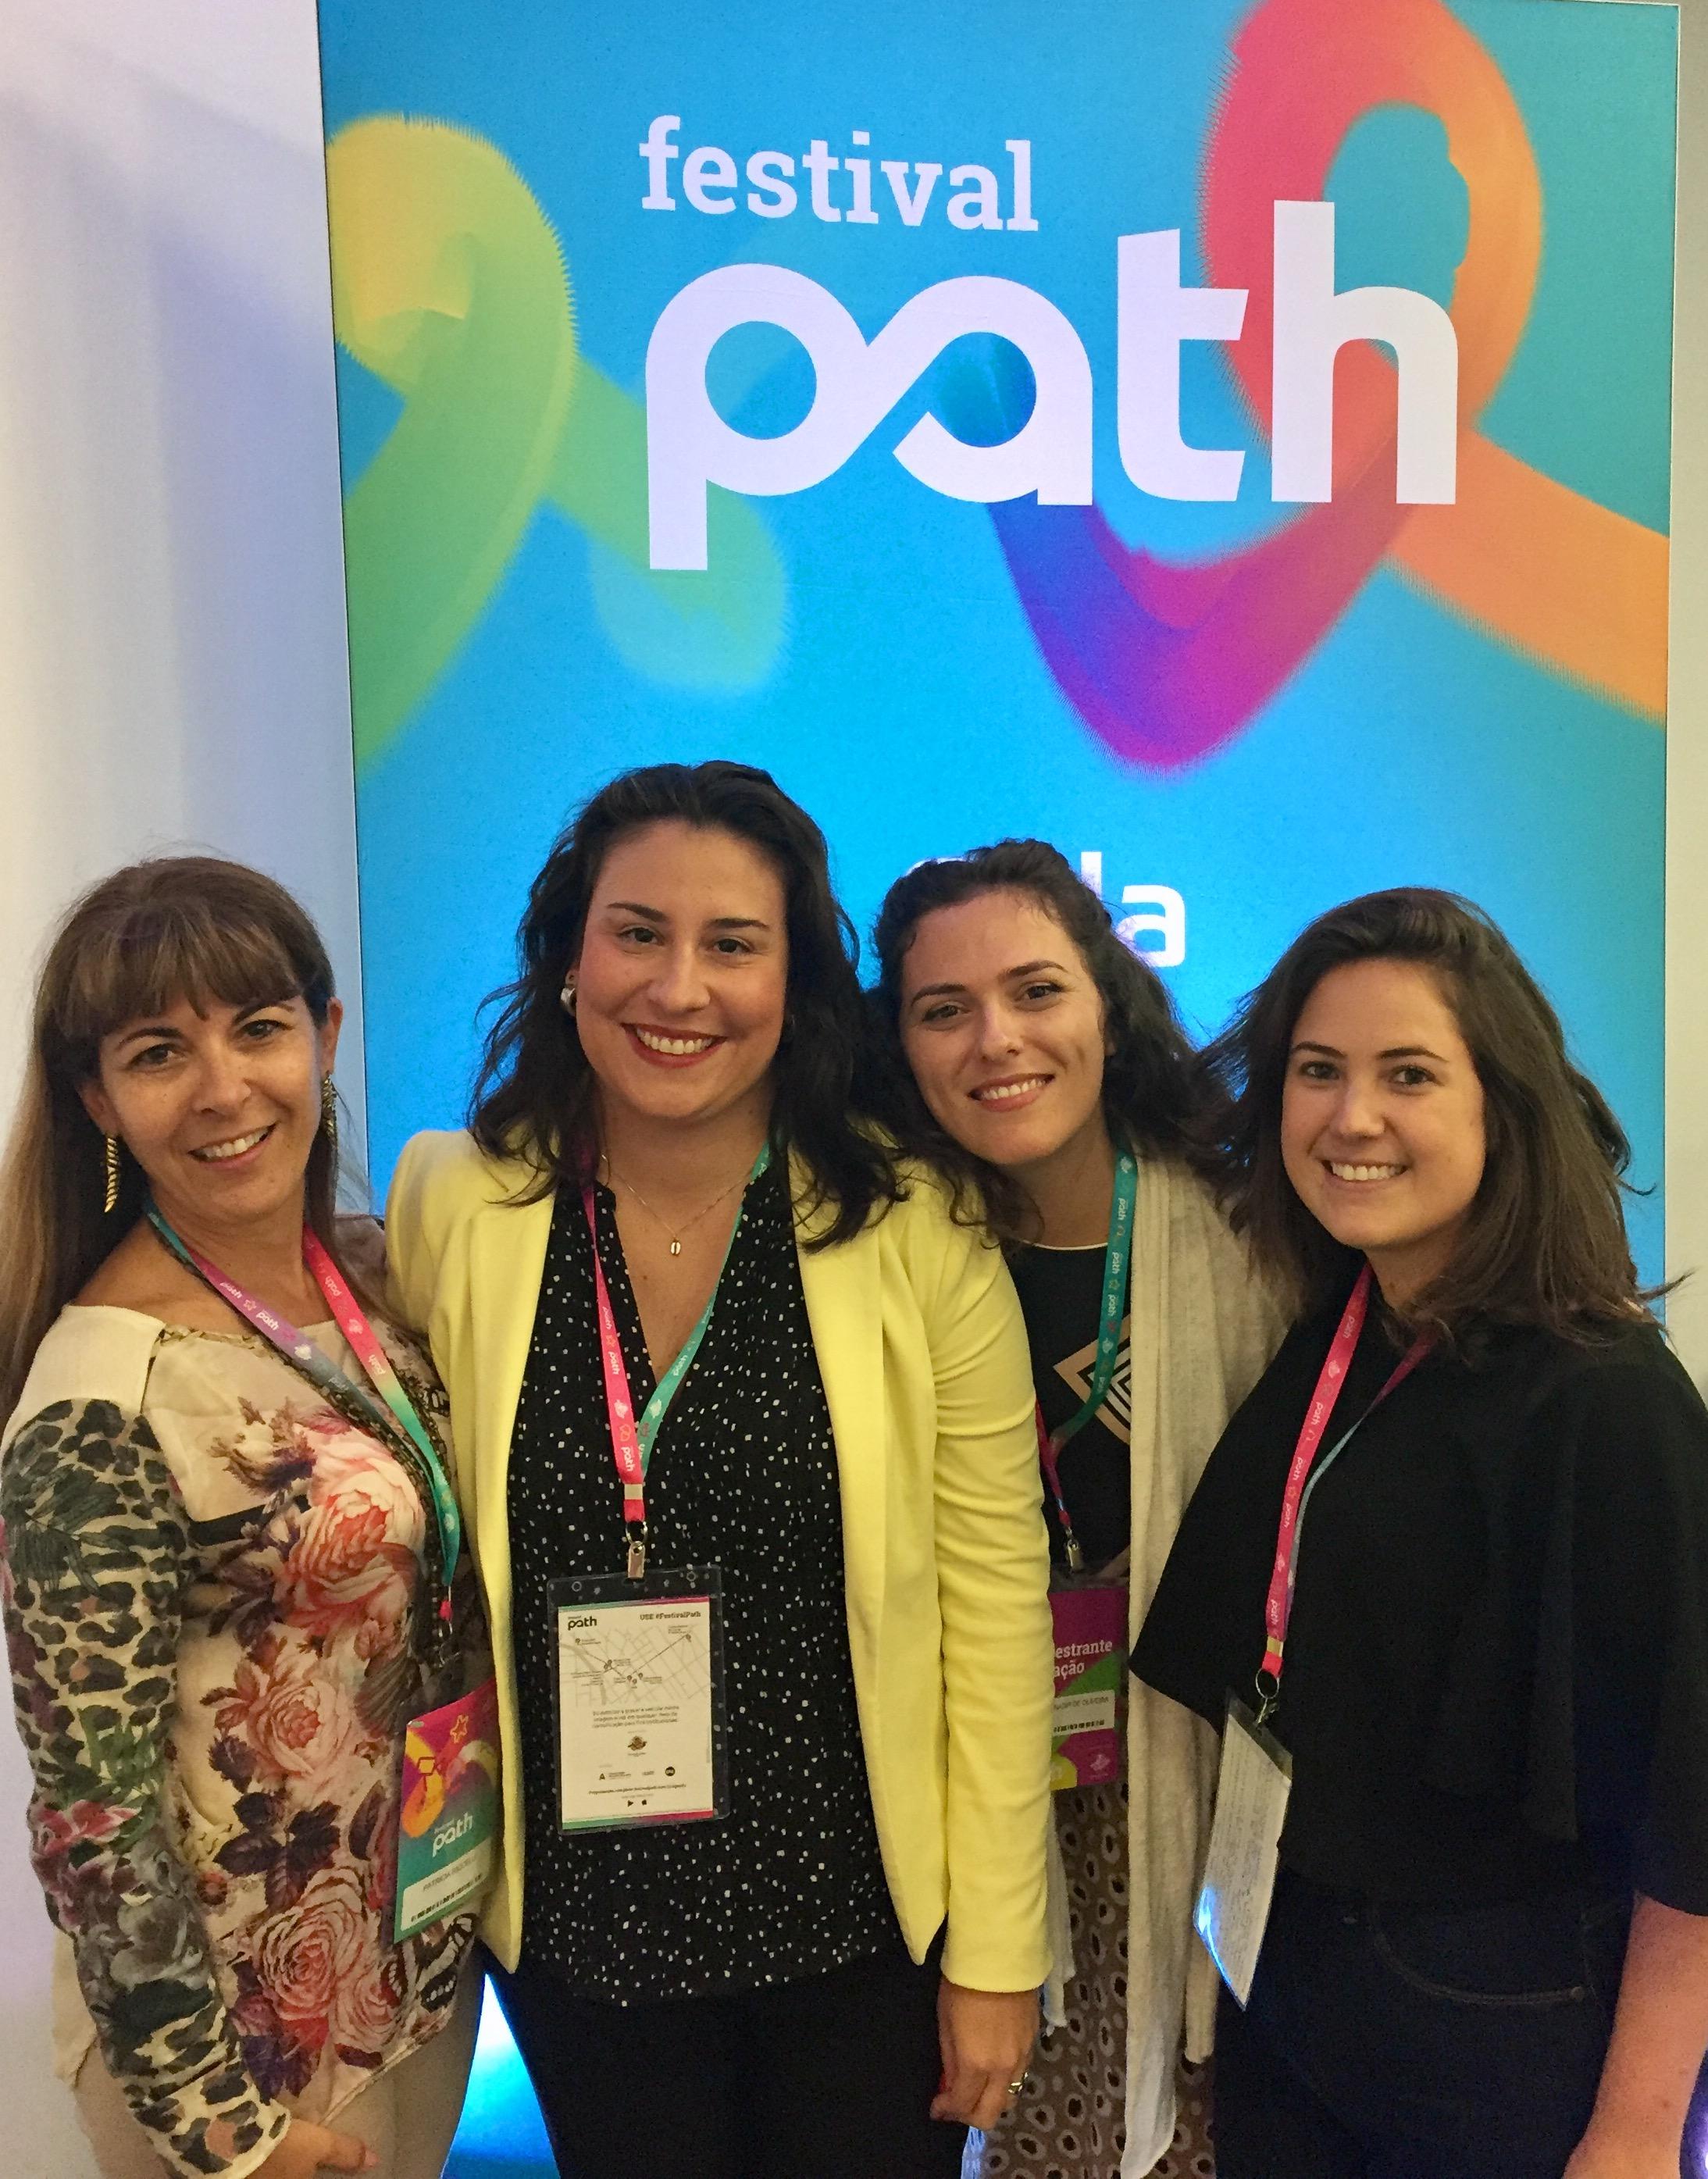 Palestra Regeneração Festival Path